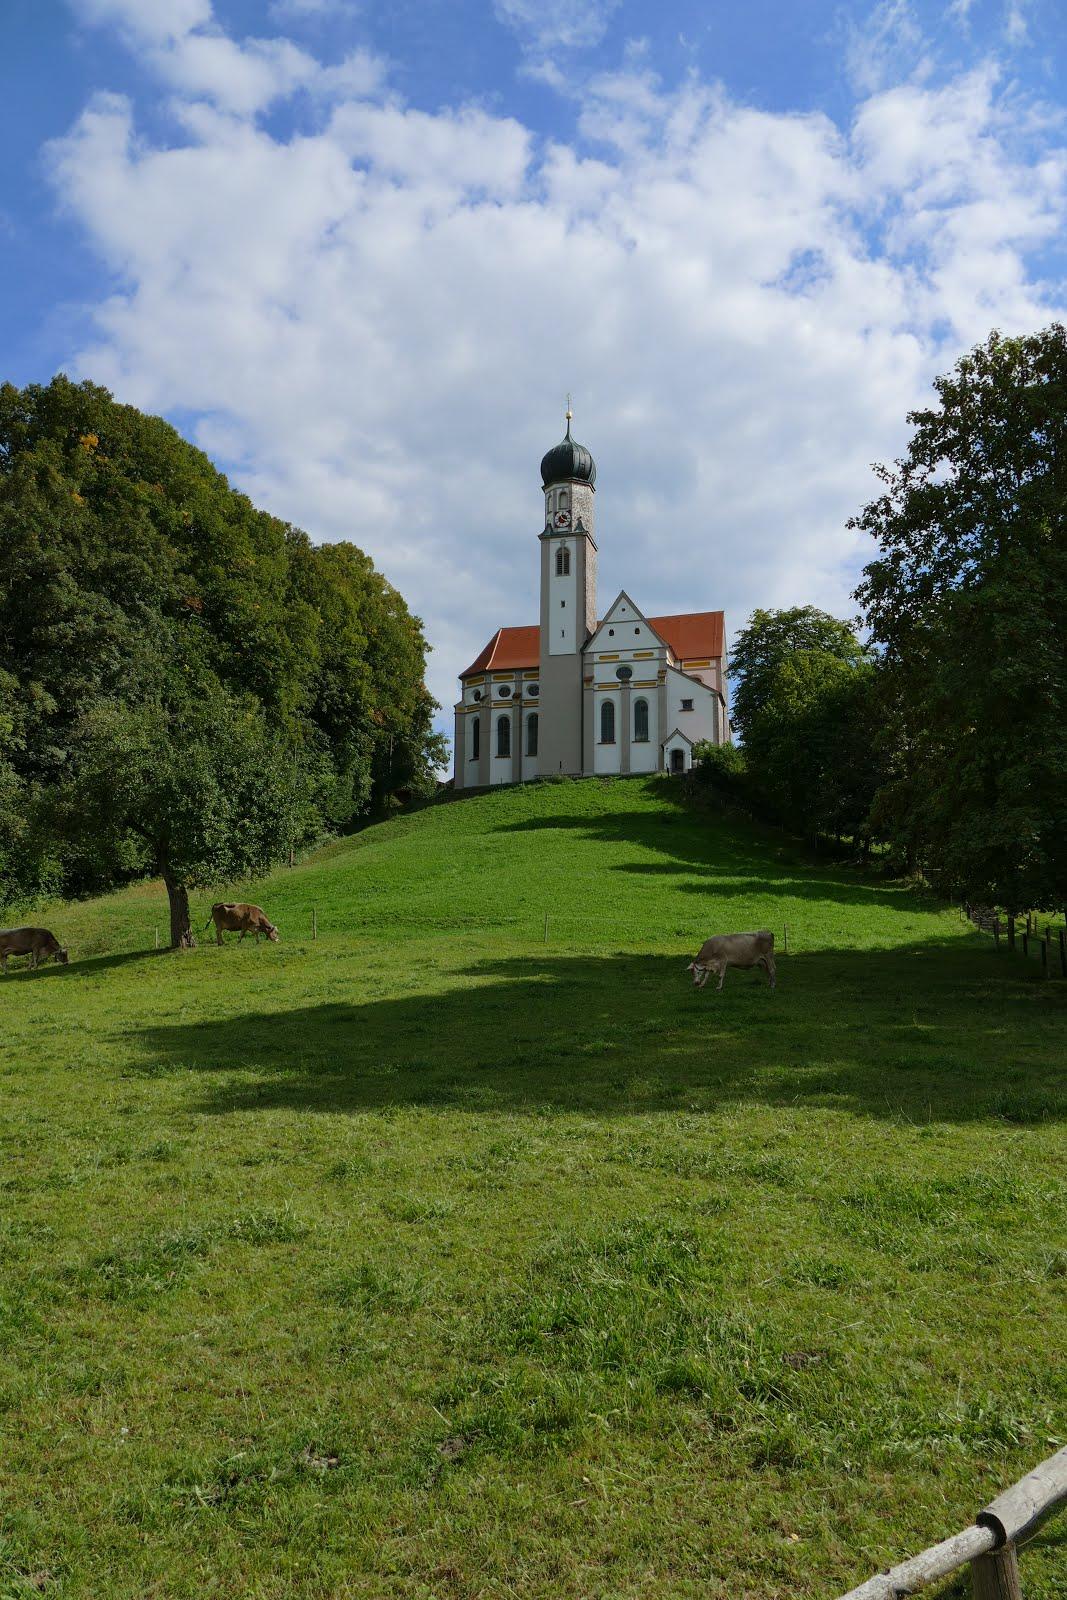 Hörmannshofen